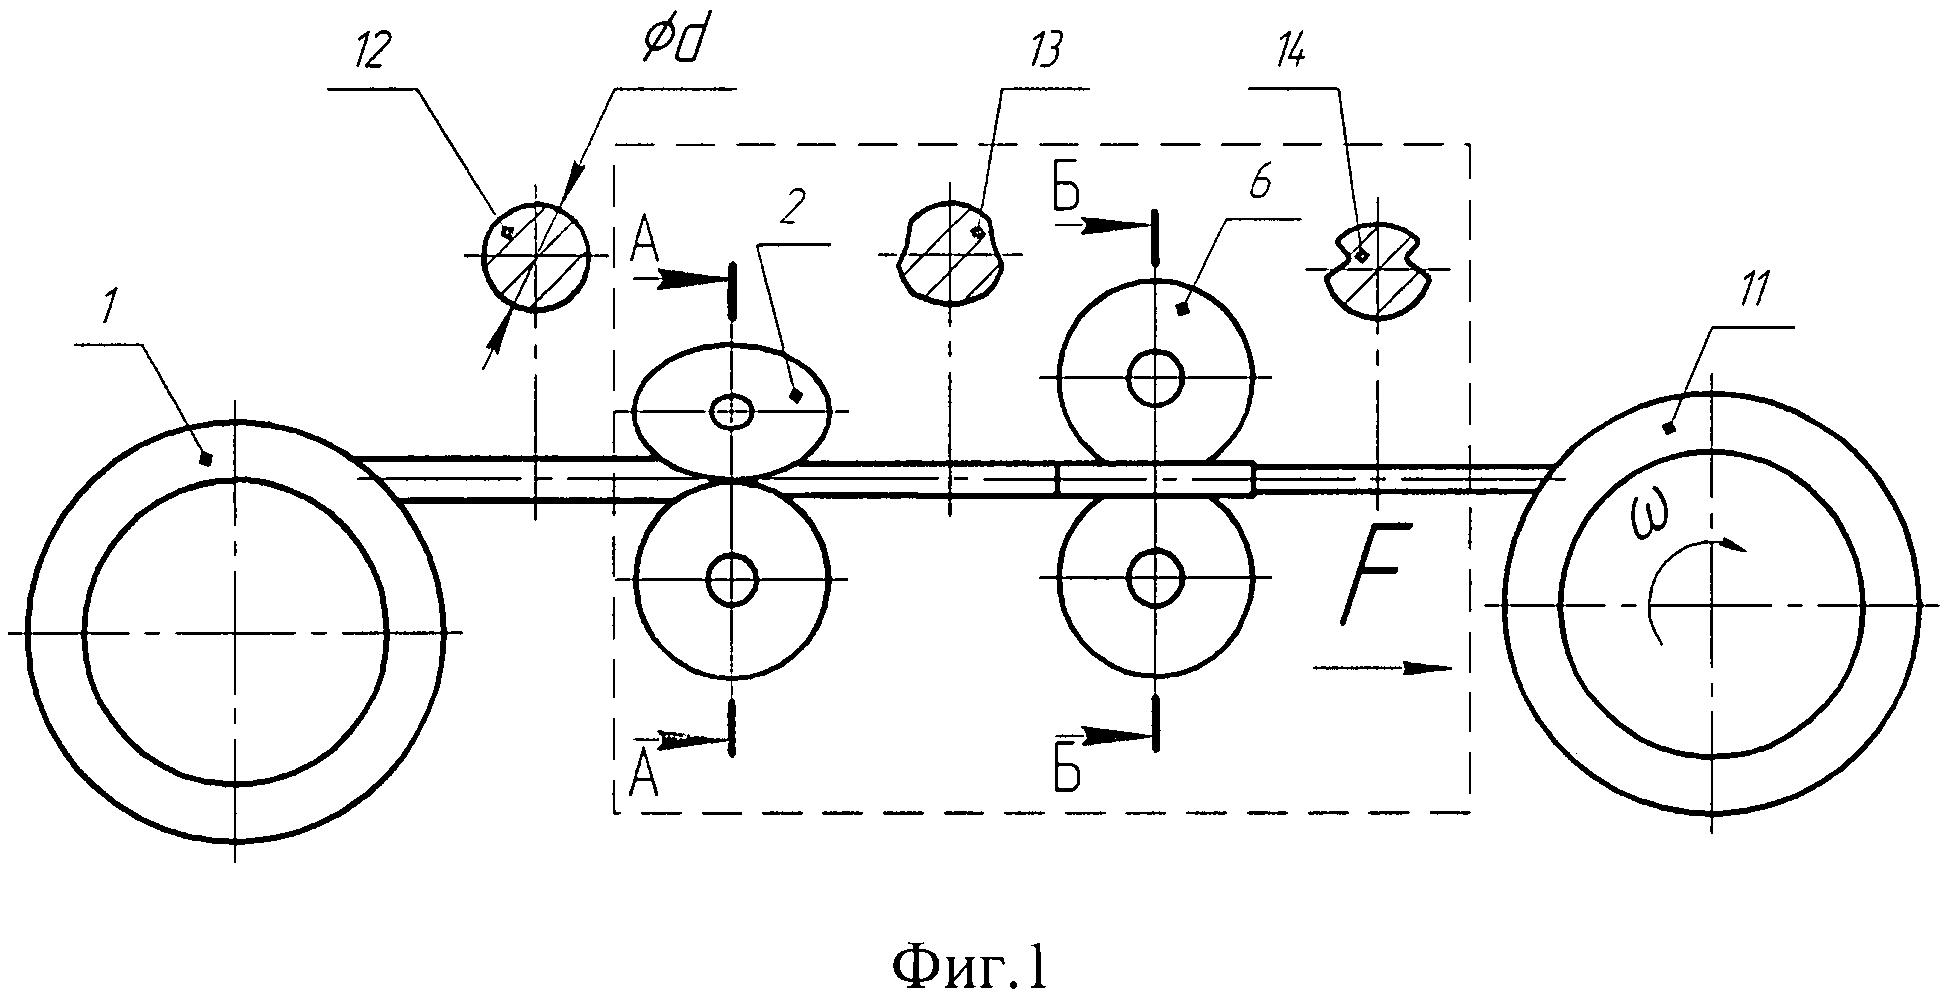 Способ волочения провода контактного из меди и ее сплавов